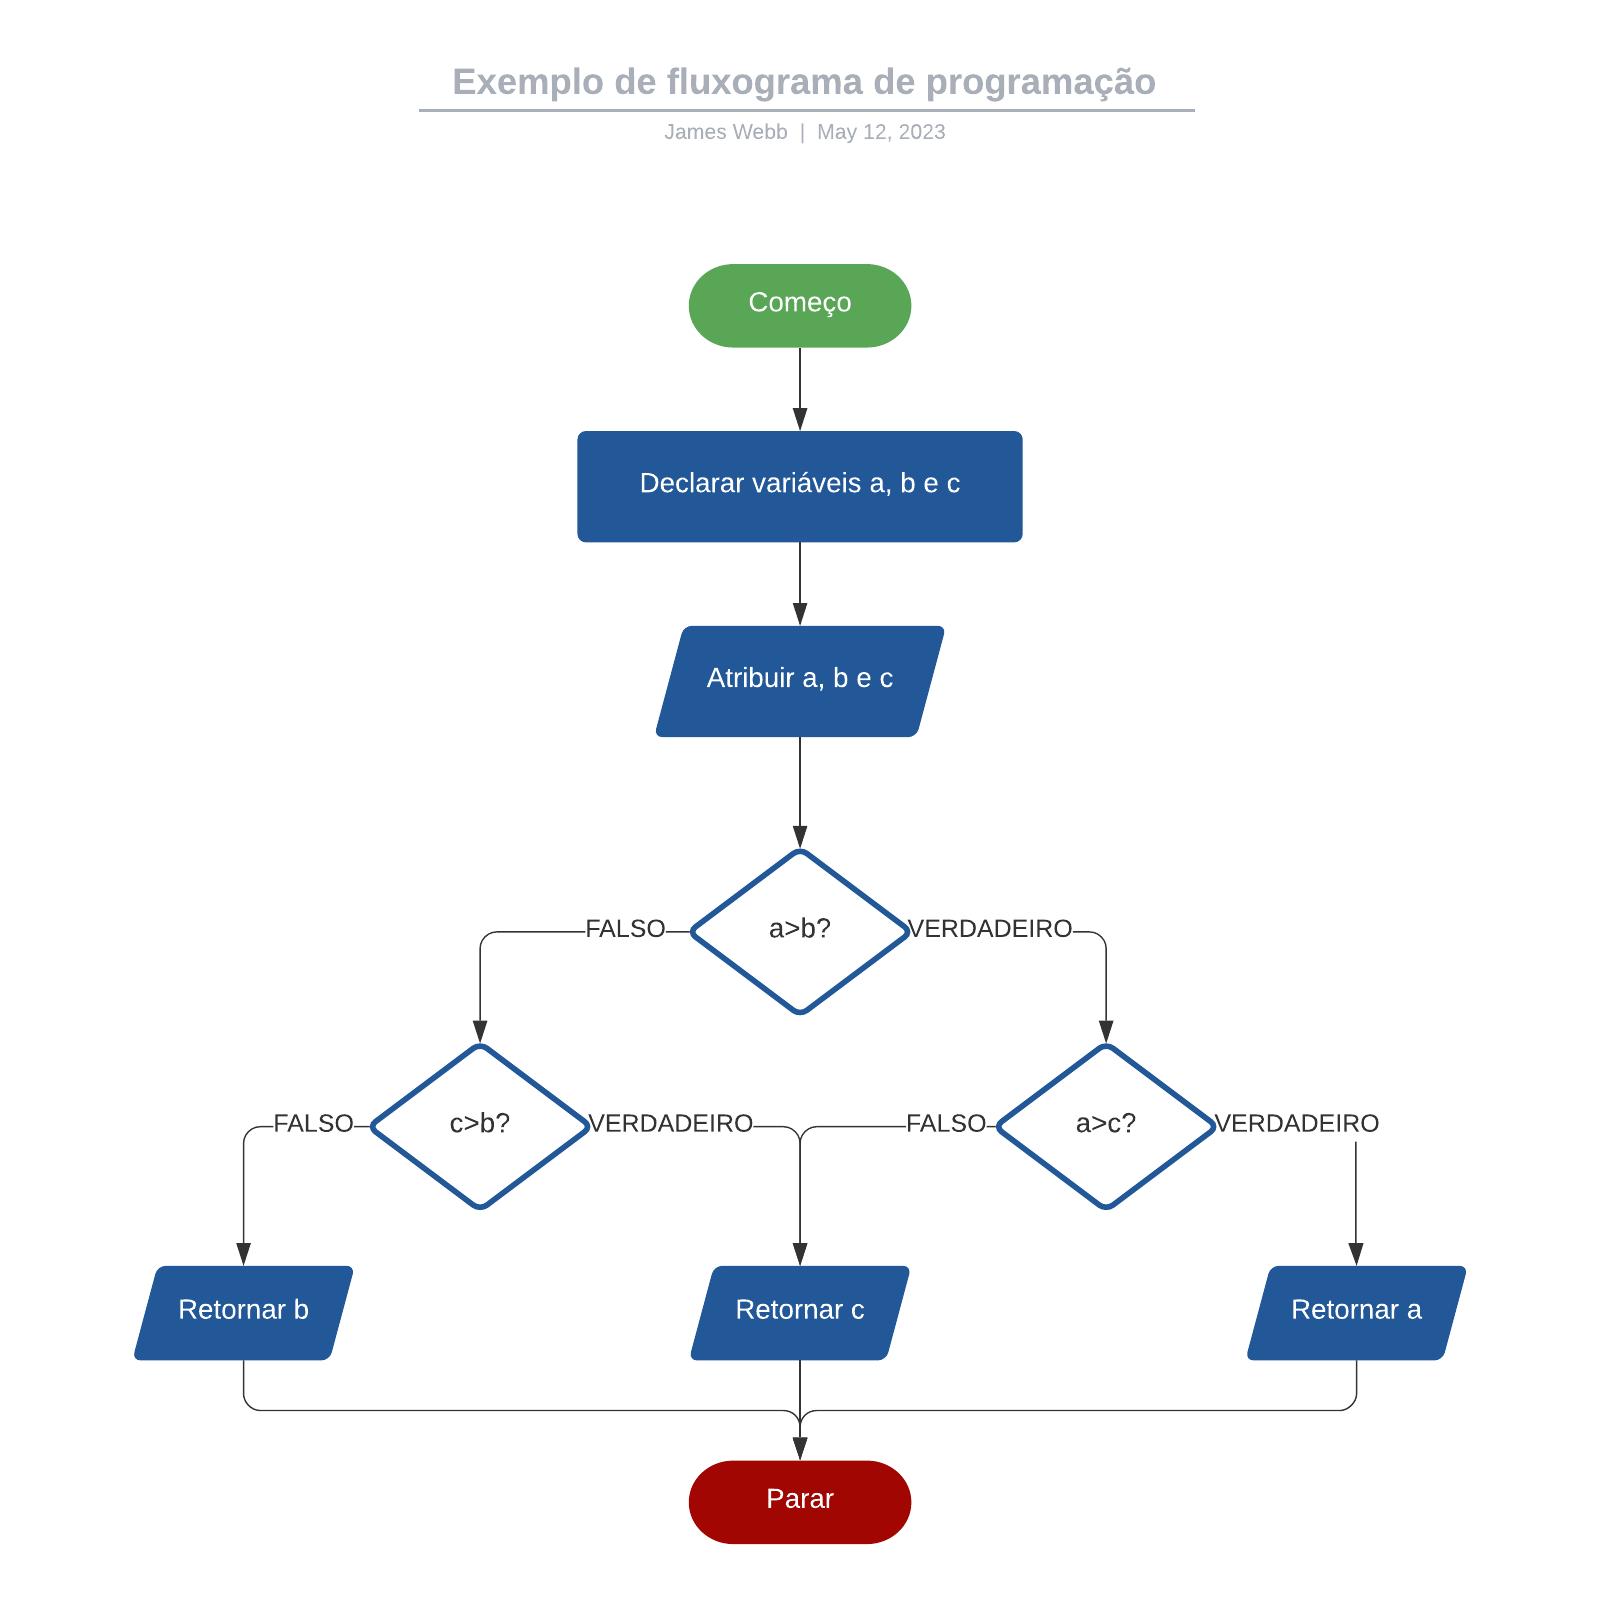 Exemplo de fluxograma de programação